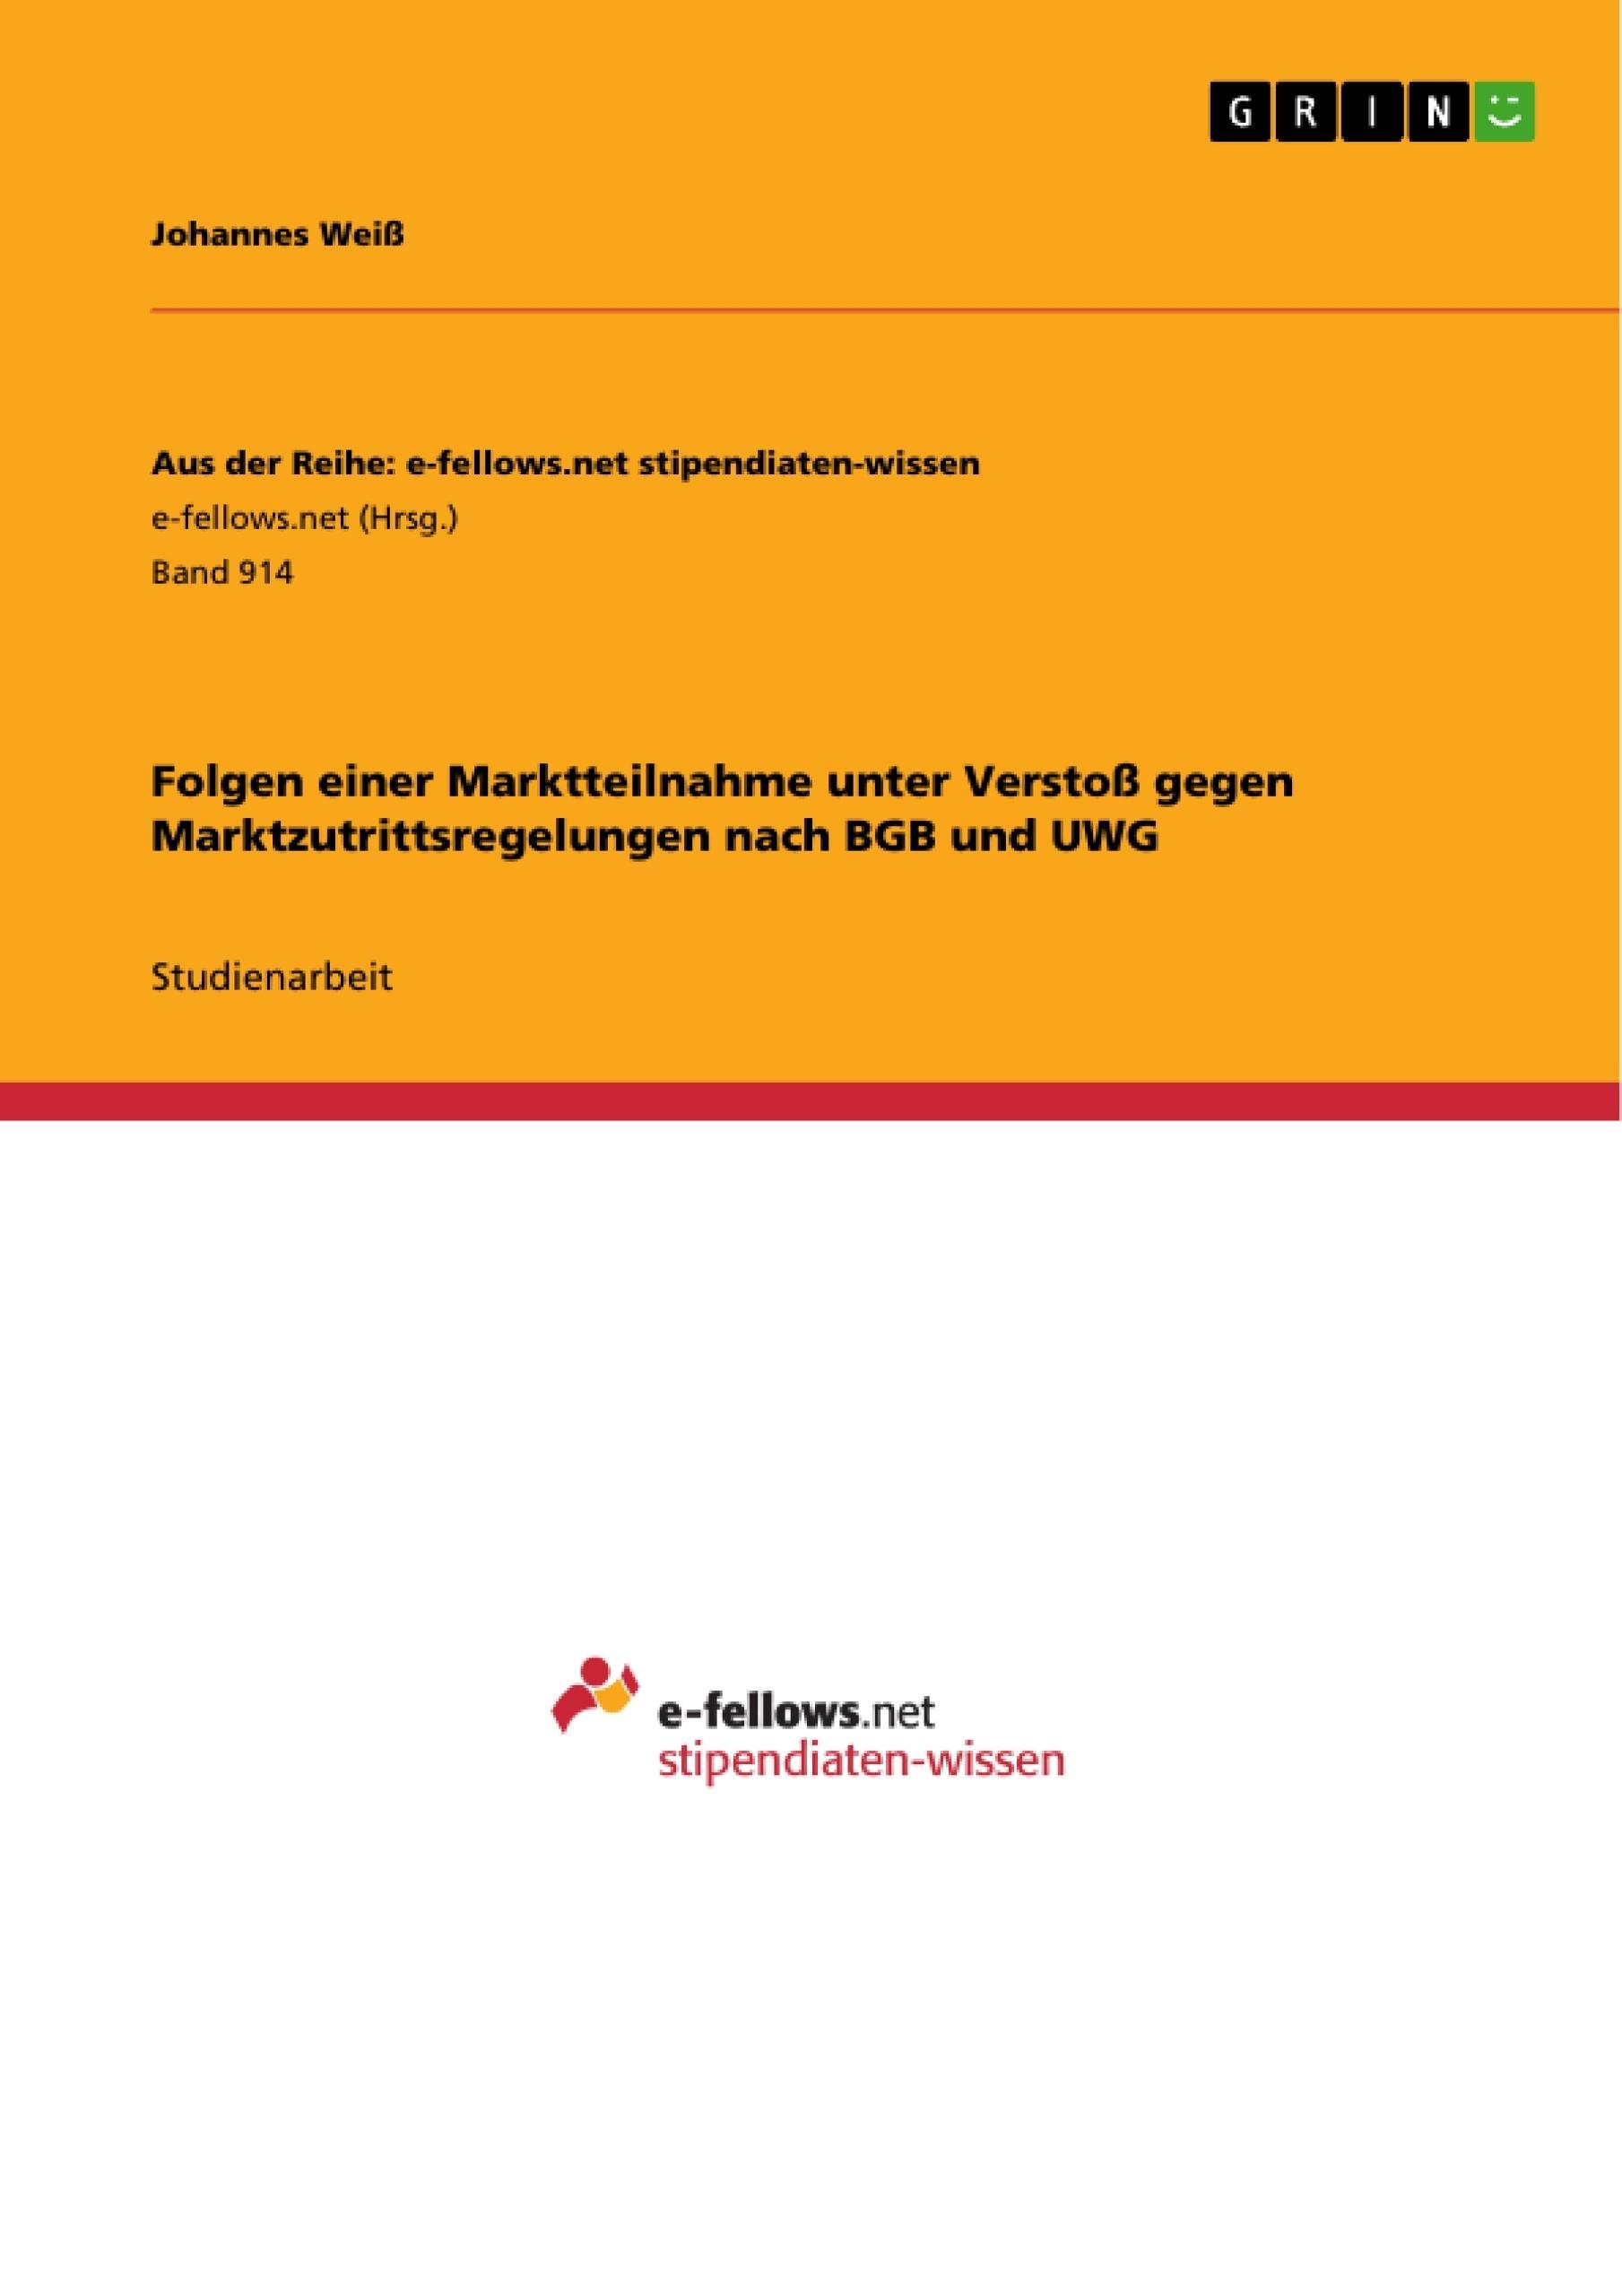 Titel: Folgen einer Marktteilnahme unter Verstoß gegen Marktzutrittsregelungen nach BGB und UWG